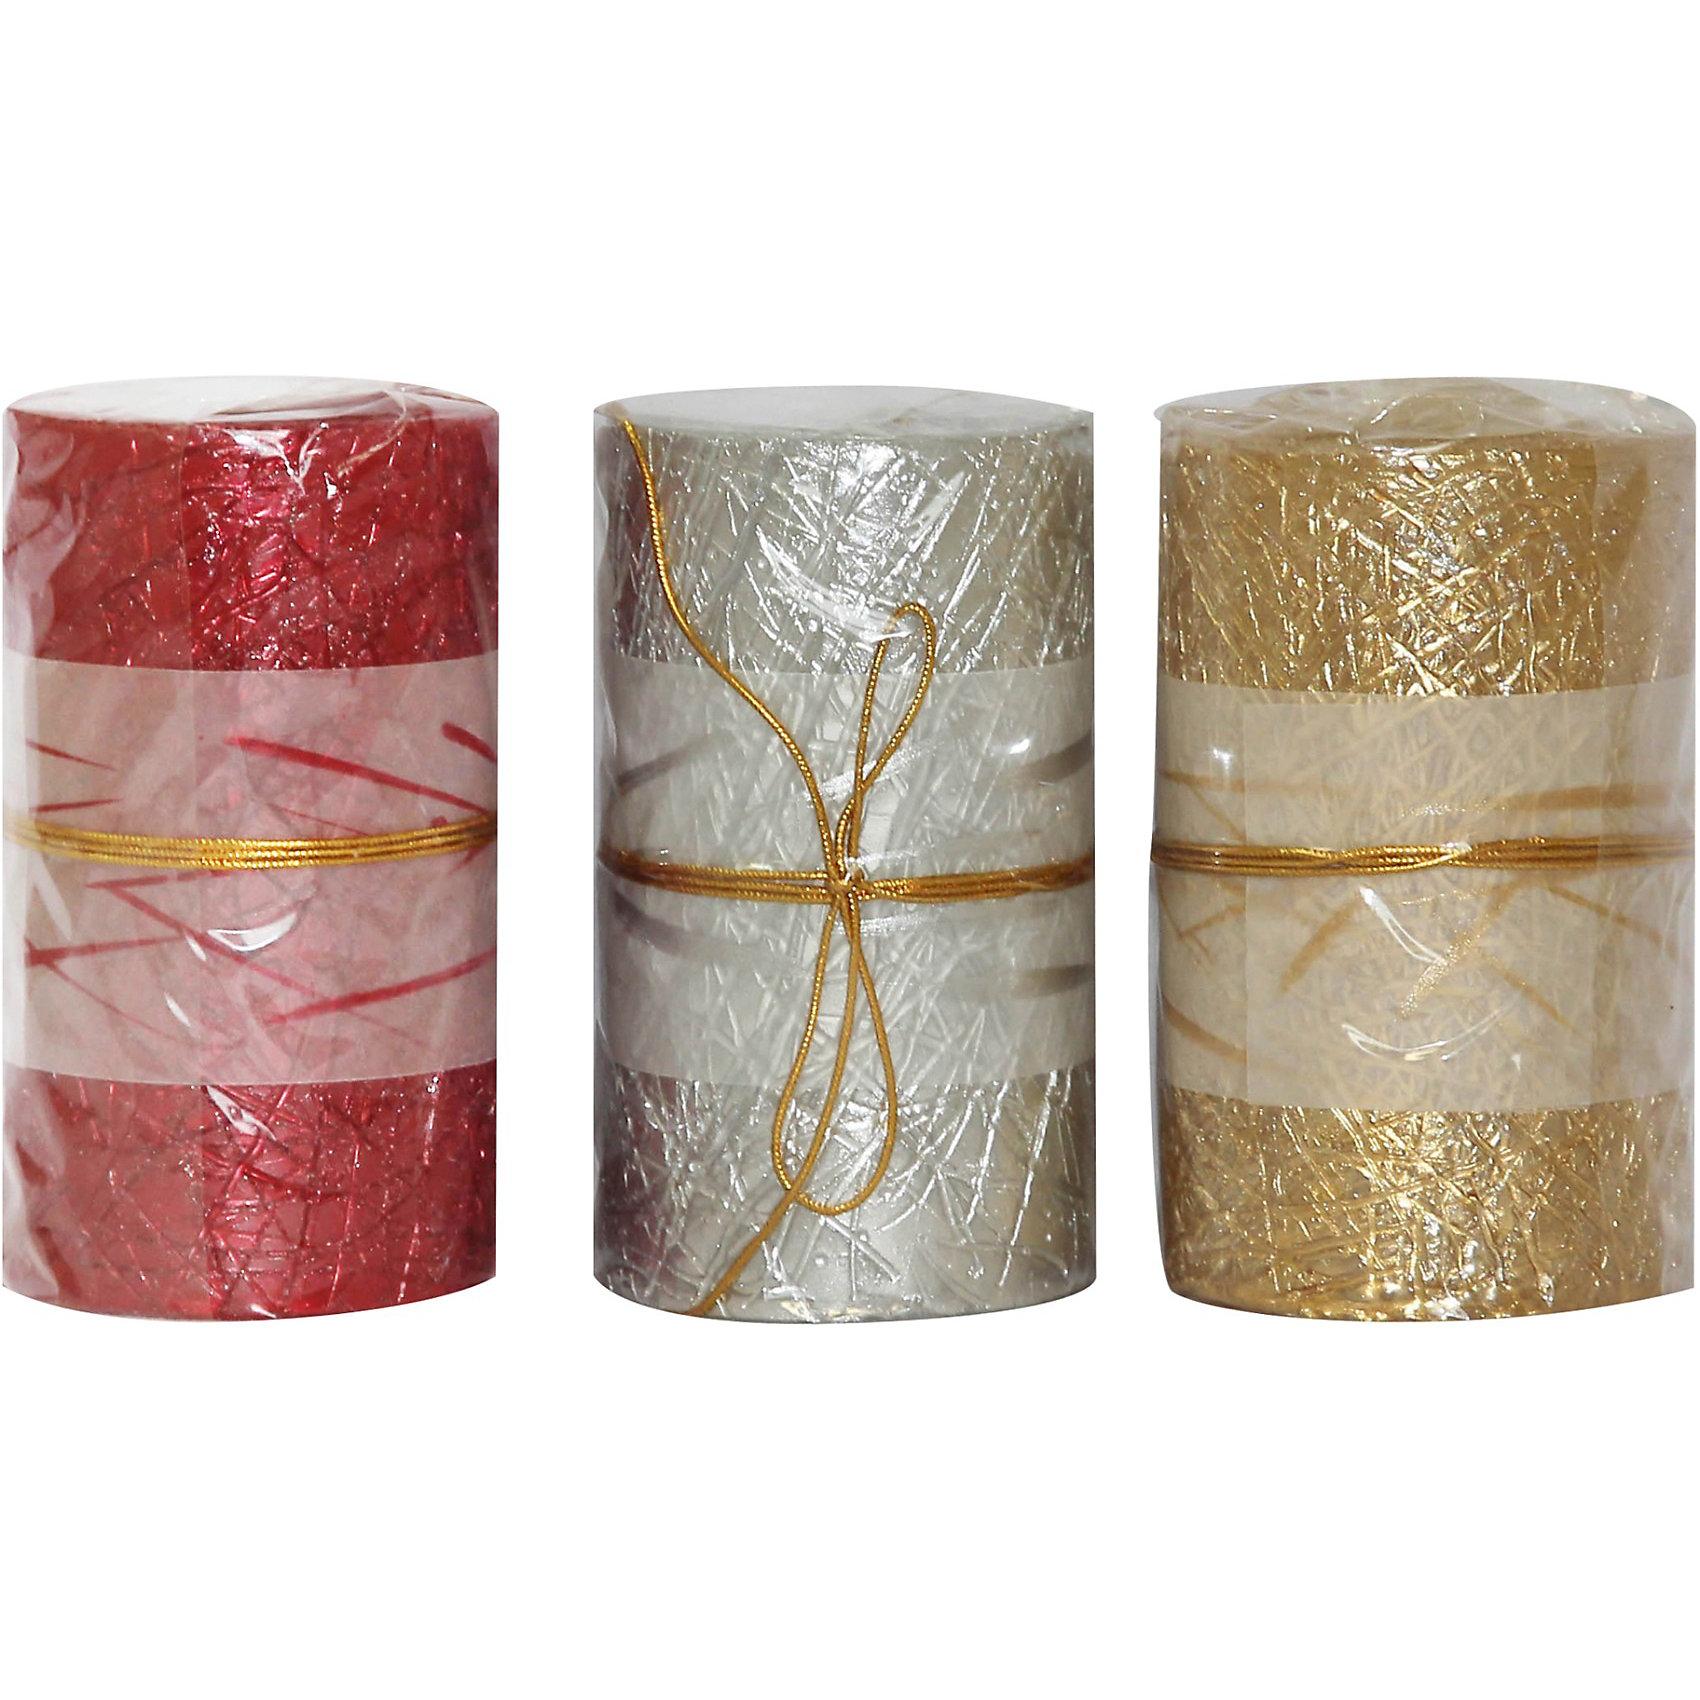 Свеча, 3 цвета в ассорт.Свеча NYC-60100N, Волшебная страна станет замечательным украшением Вашего новогоднего интерьера и приятным сувениром для родных и друзей. Свечка выполнена в<br>элегантном подарочном дизайне. Цвета в ассортименте (красный, золото, серебро).<br><br><br>Дополнительная информация:<br><br>- Материал: парафин.<br>- Размер: 10 х 6 х 6 см.<br>- Вес: 273 гр. <br><br>Свечу NYC-60100N, Волшебная страна можно купить в нашем интернет-магазине.<br><br>ВНИМАНИЕ! Данный артикул имеется в наличии в разных цветовых исполнениях. К сожалению, заранее выбрать определенный цвет не возможно.<br><br>Ширина мм: 420<br>Глубина мм: 60<br>Высота мм: 60<br>Вес г: 273<br>Возраст от месяцев: 60<br>Возраст до месяцев: 180<br>Пол: Унисекс<br>Возраст: Детский<br>SKU: 3791429